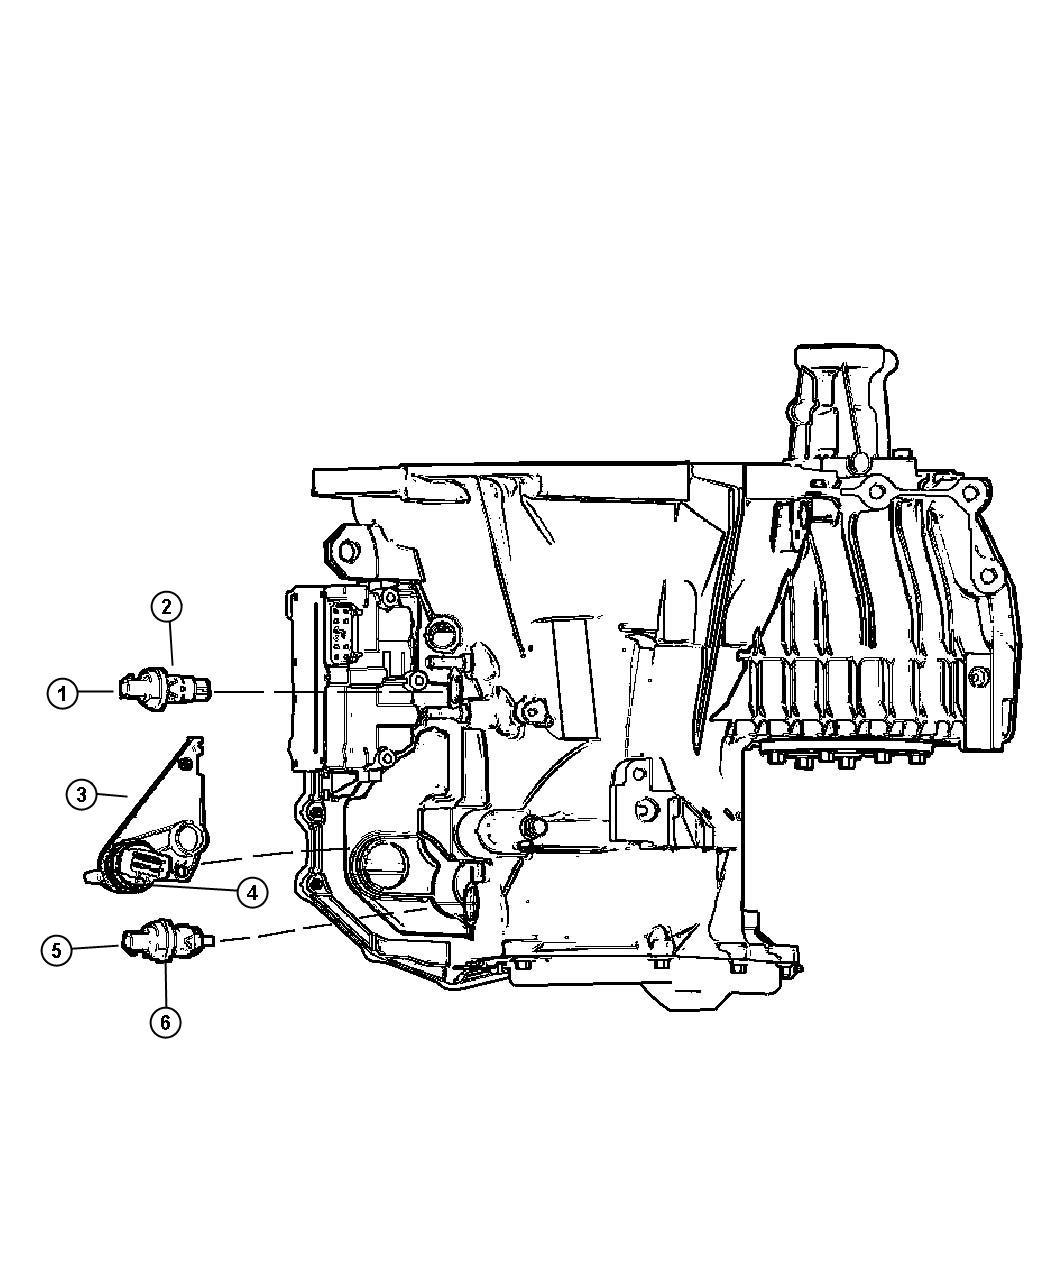 Chrysler Concorde Sensor. Manual valve lever. After 9-29